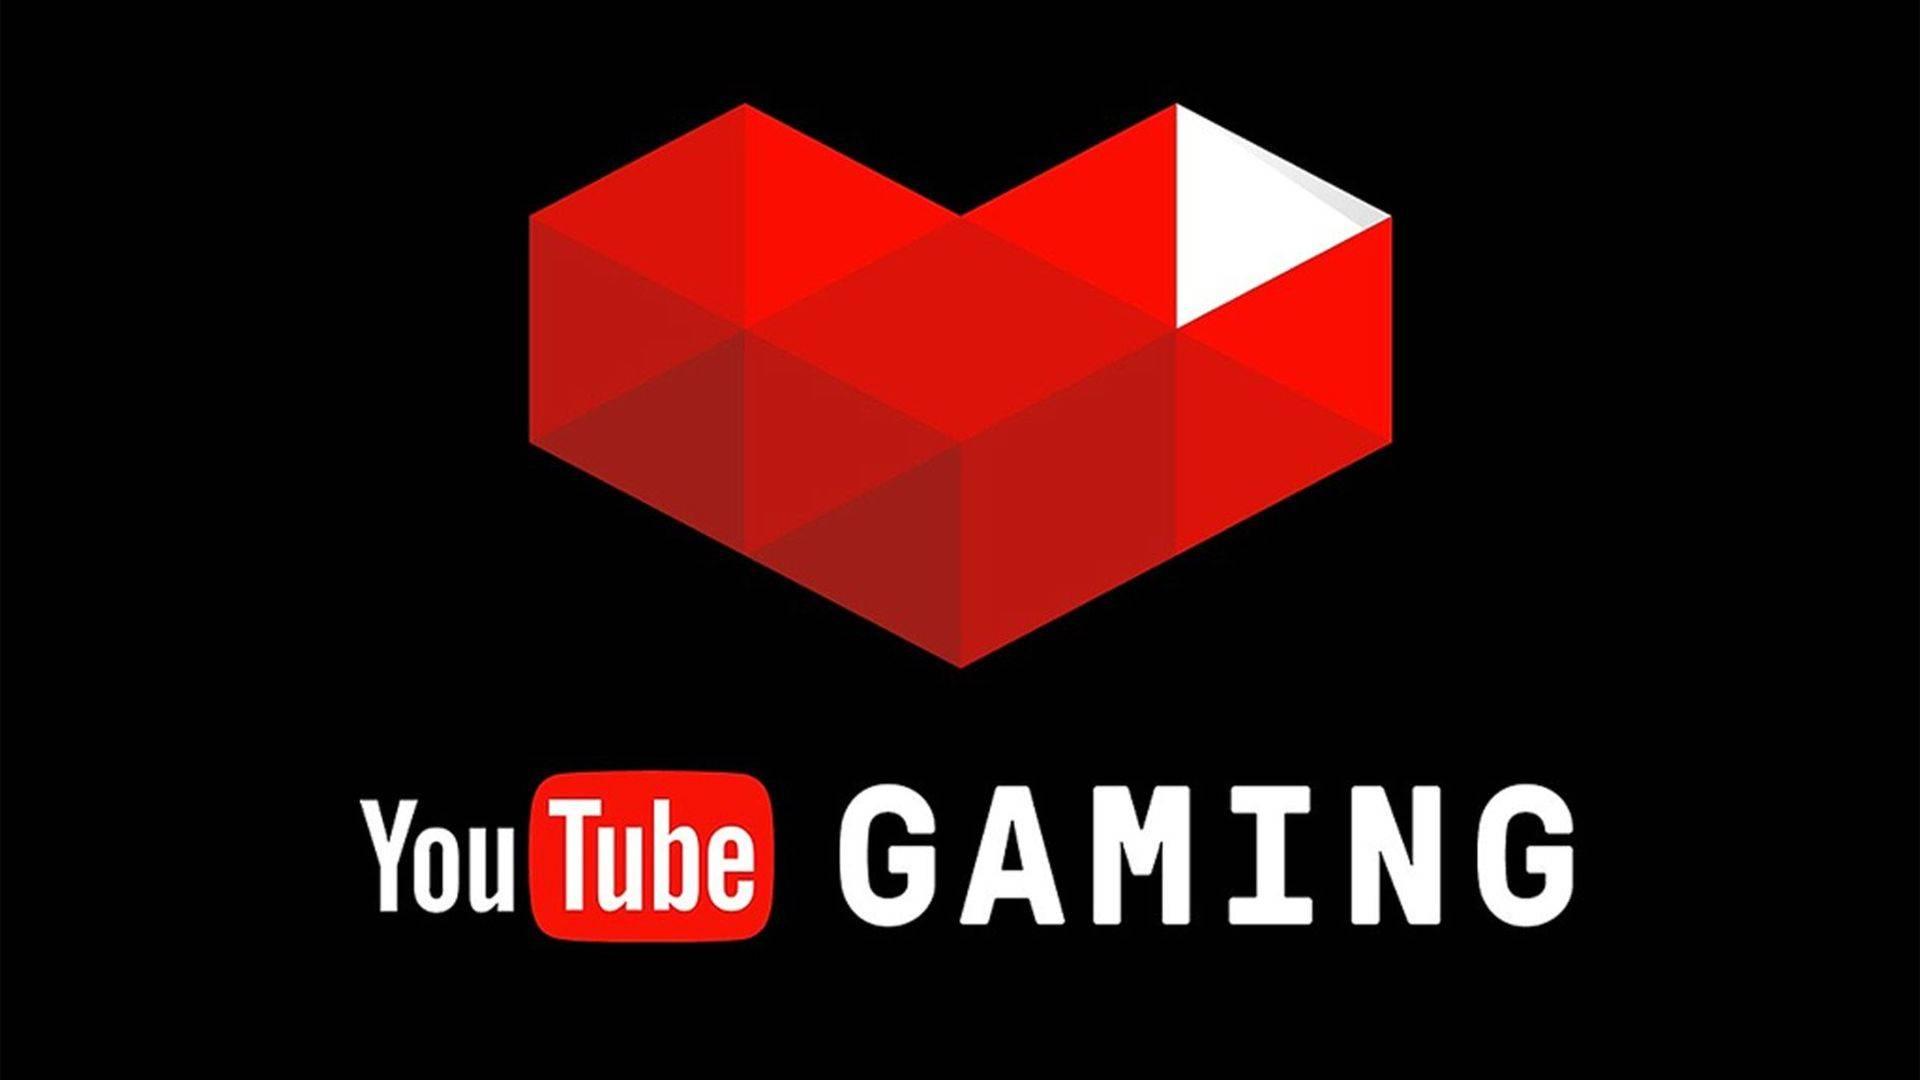 YouTube cerrará YouTube Gaming e integrará sus funciones en su sitio principal